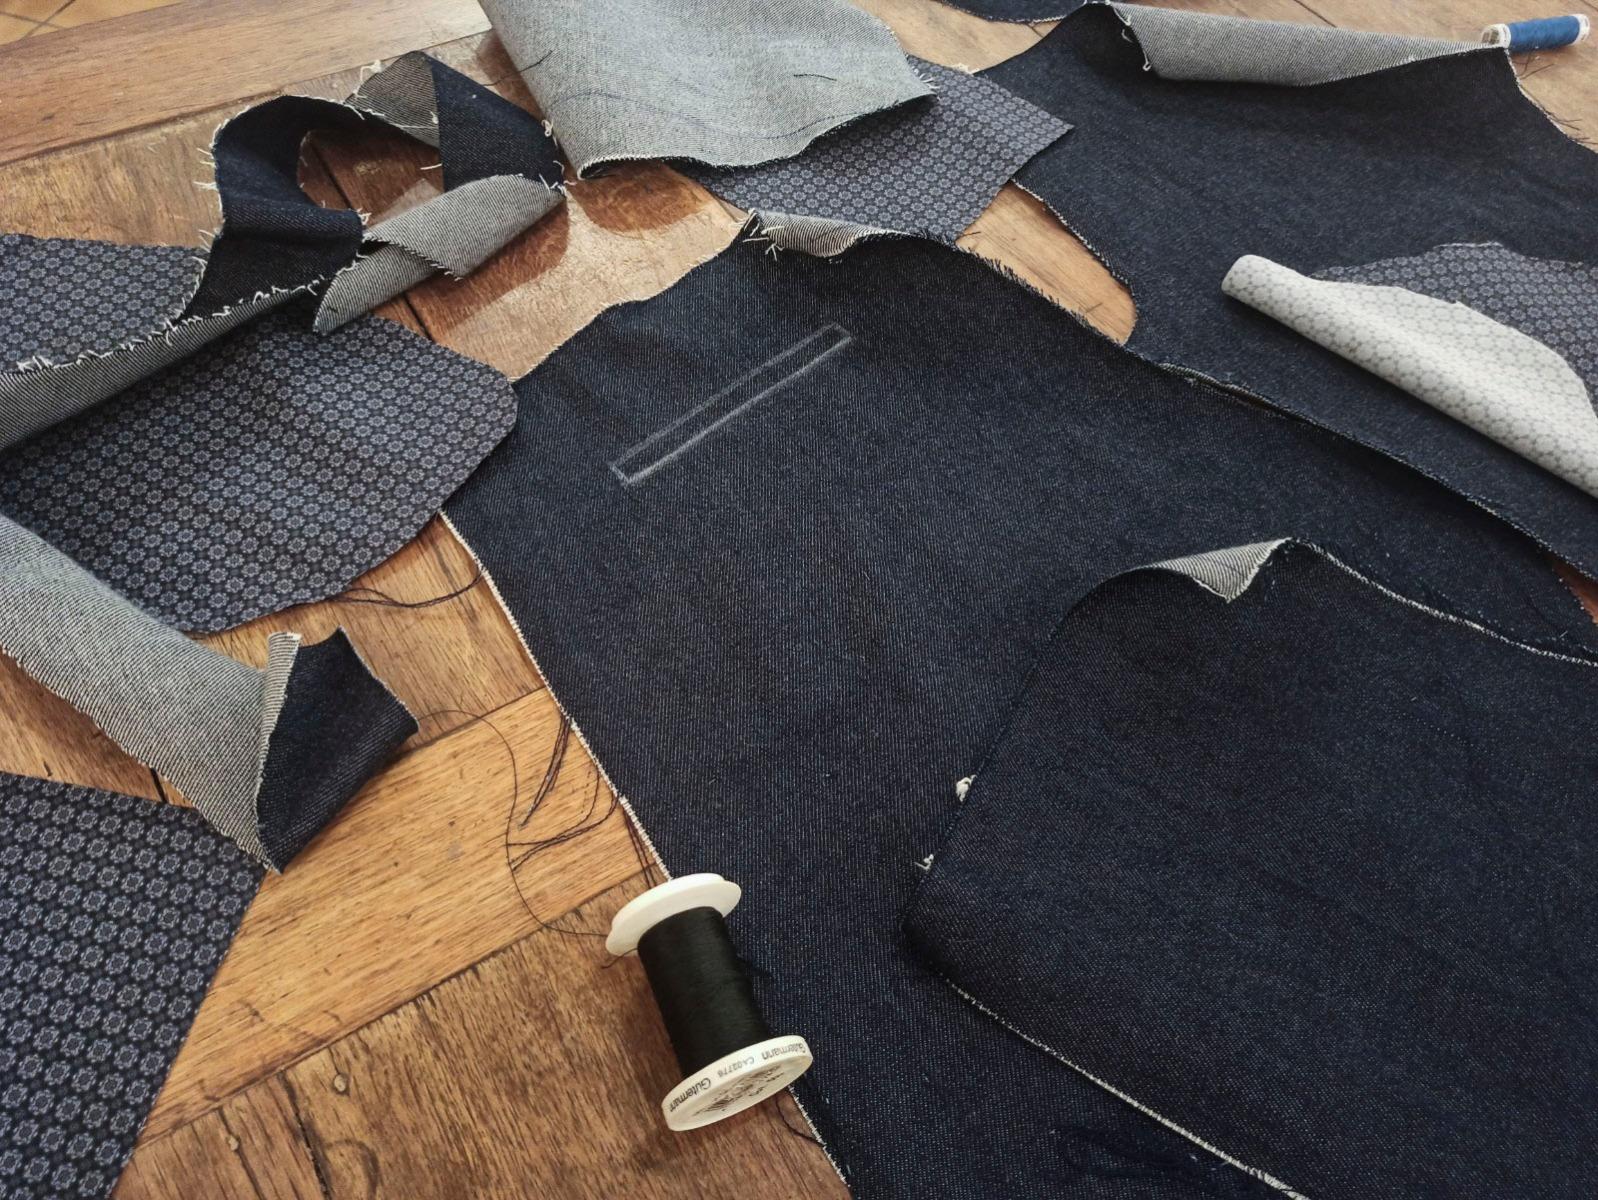 tissu-jean-couture-pantalon-chino-maison-couture-grenoble